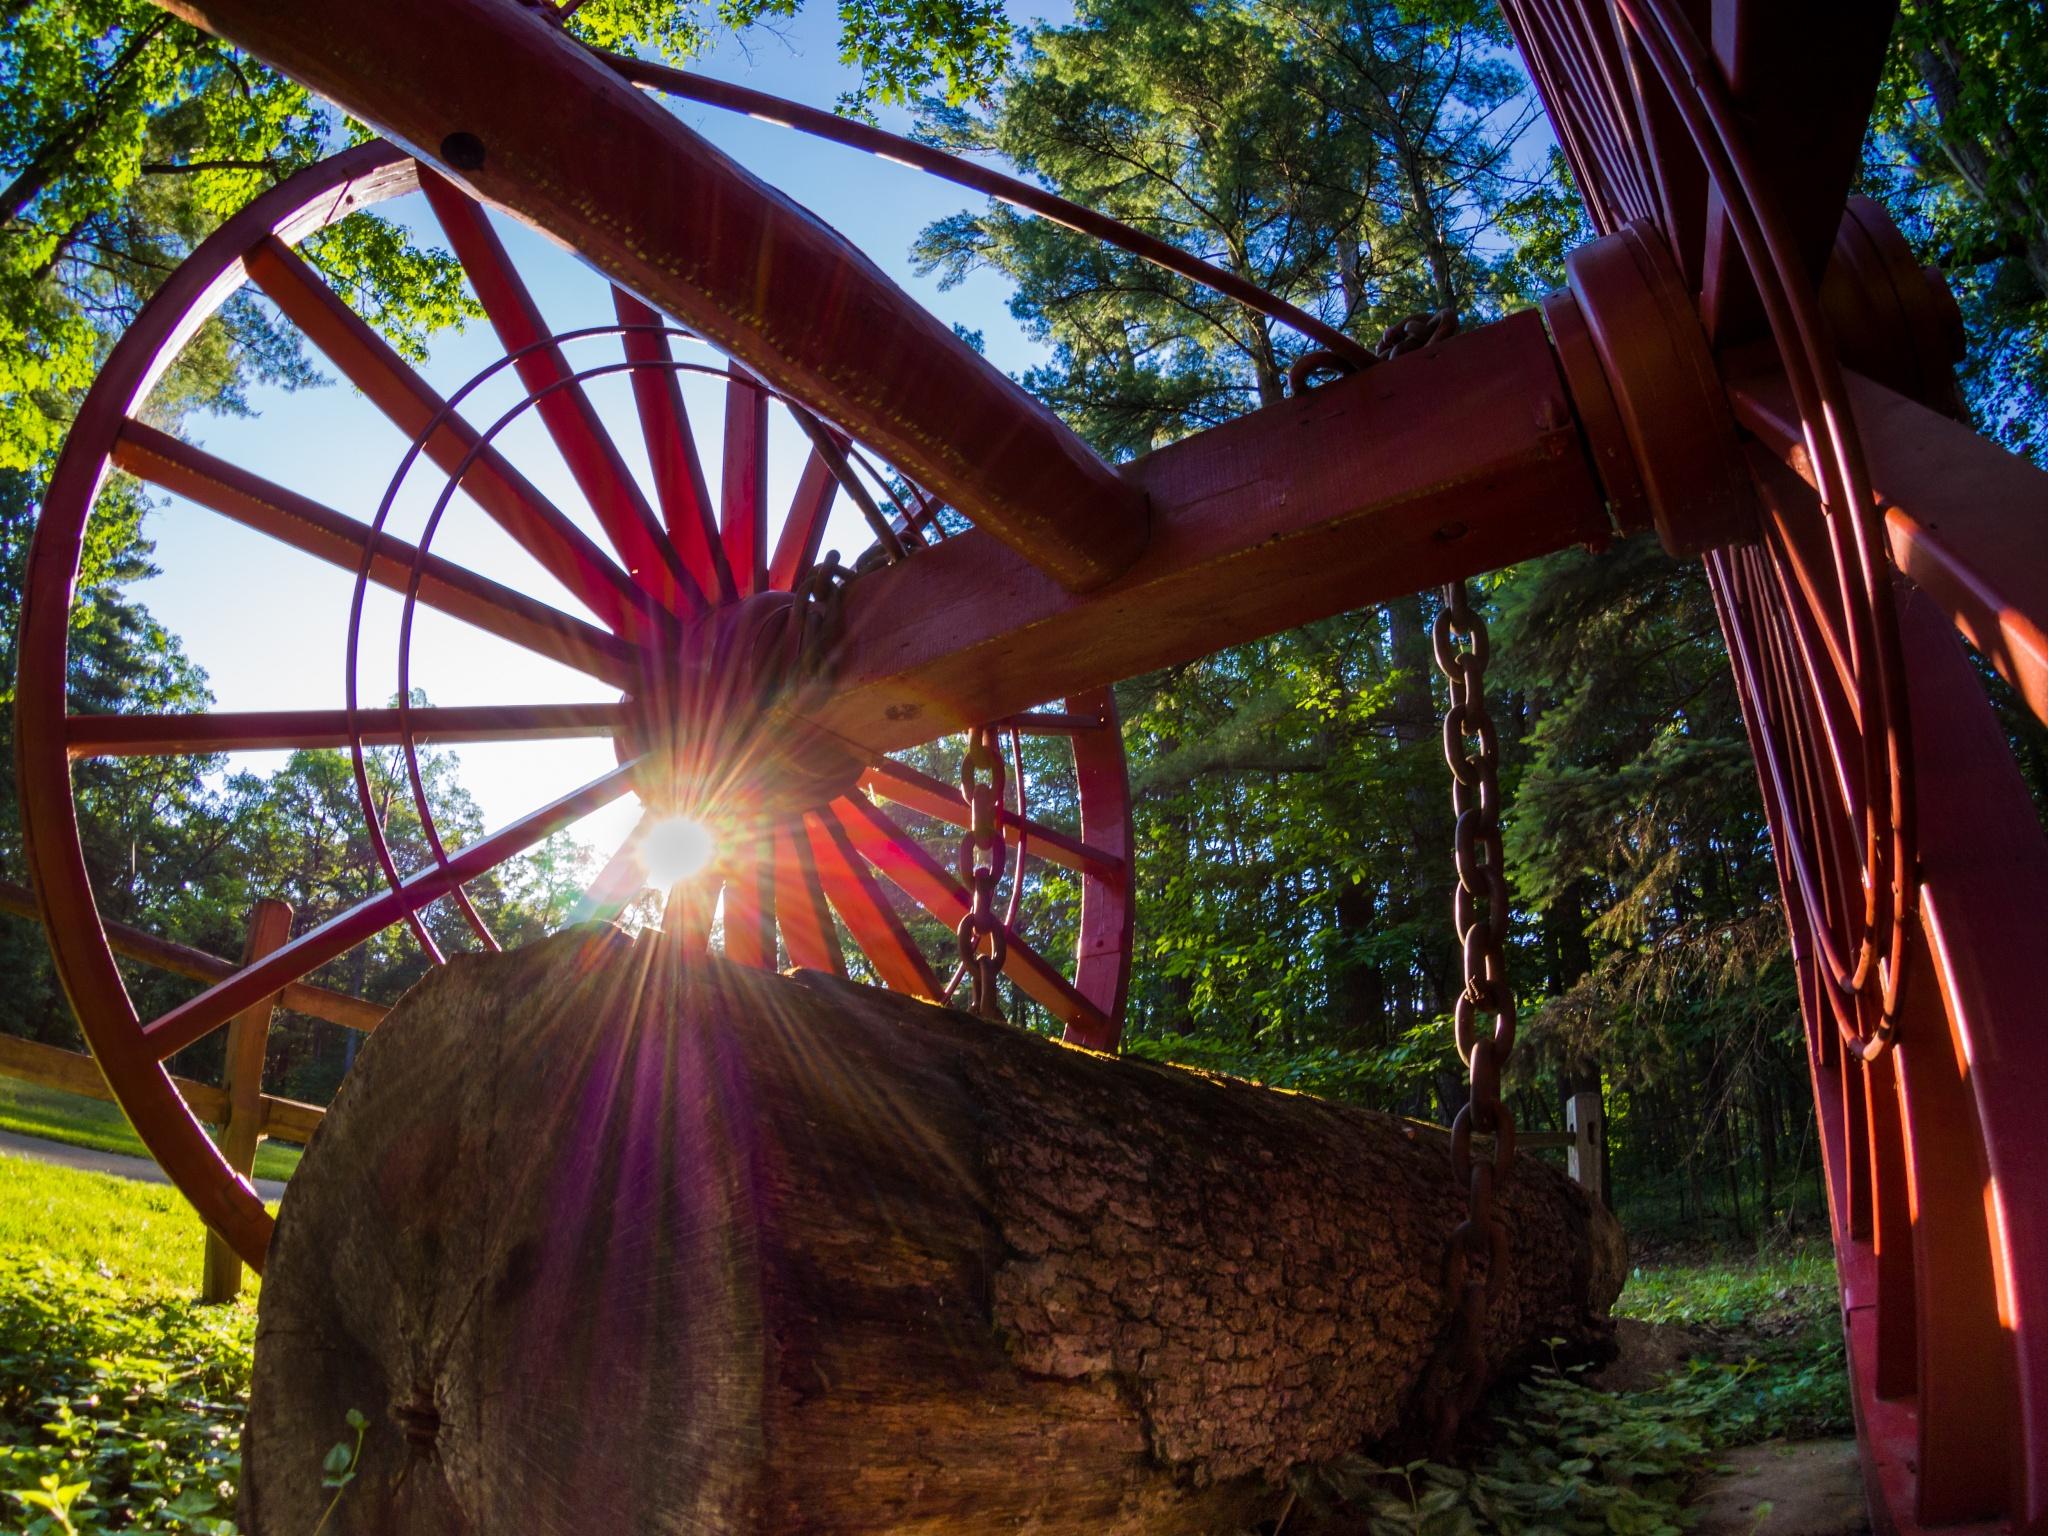 Big-Wheel by Al